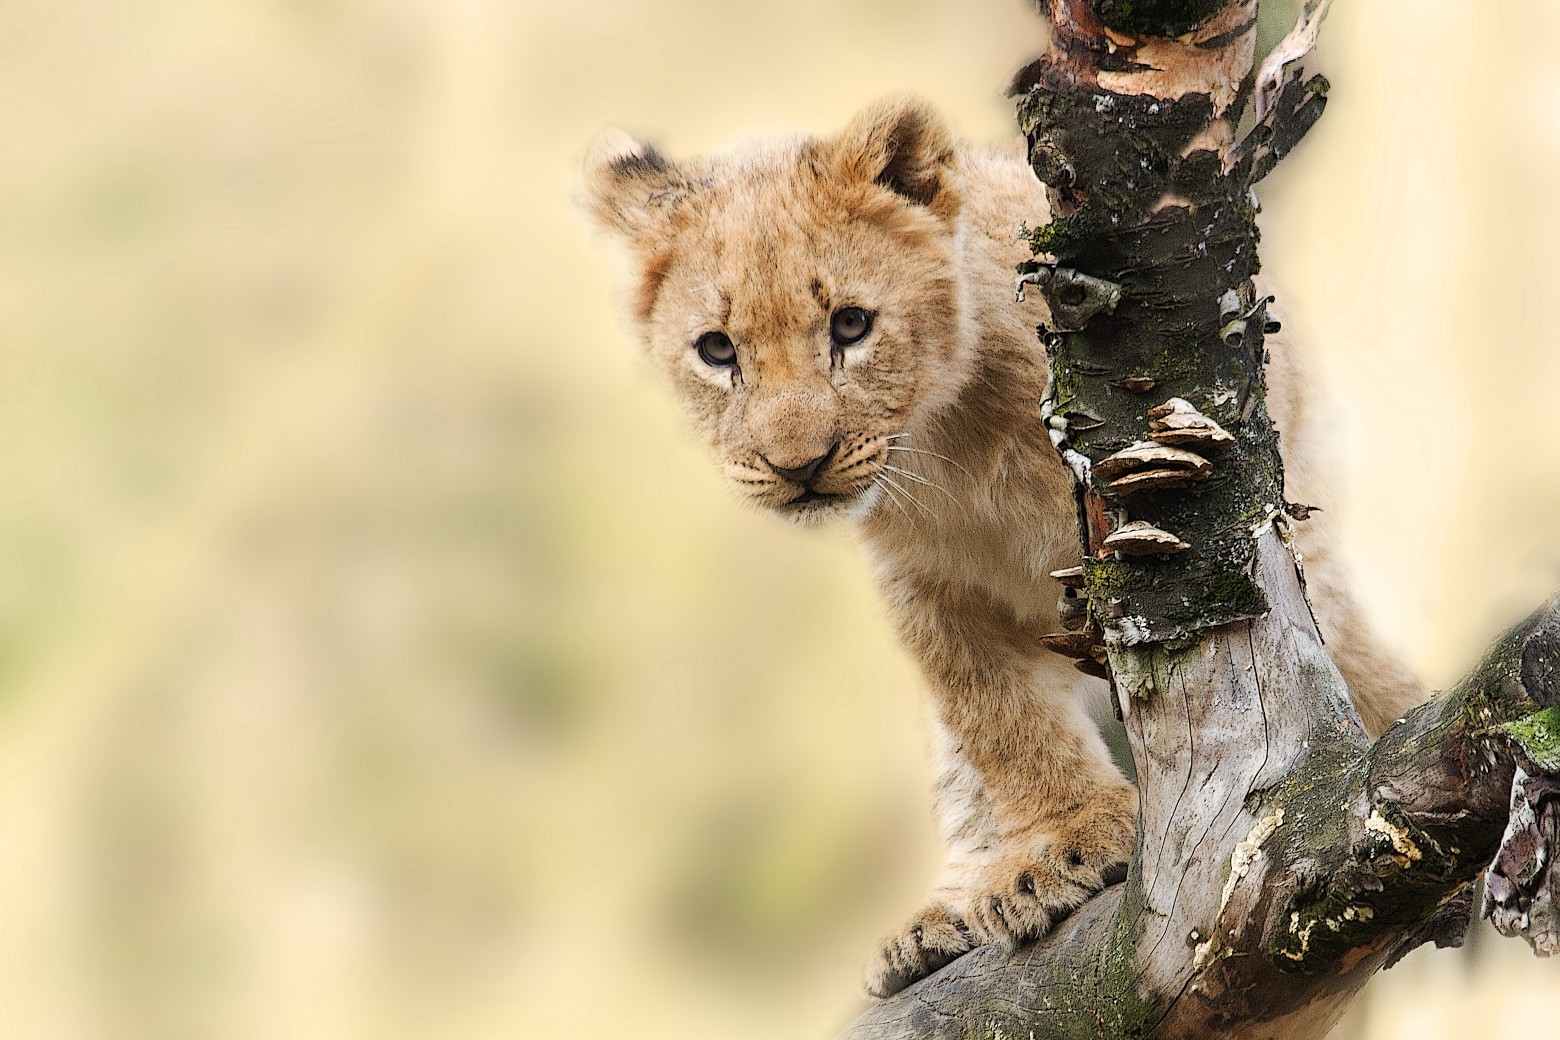 Lion lionceau animaux sauvages images gratuites et - Images d animaux sauvages gratuites ...